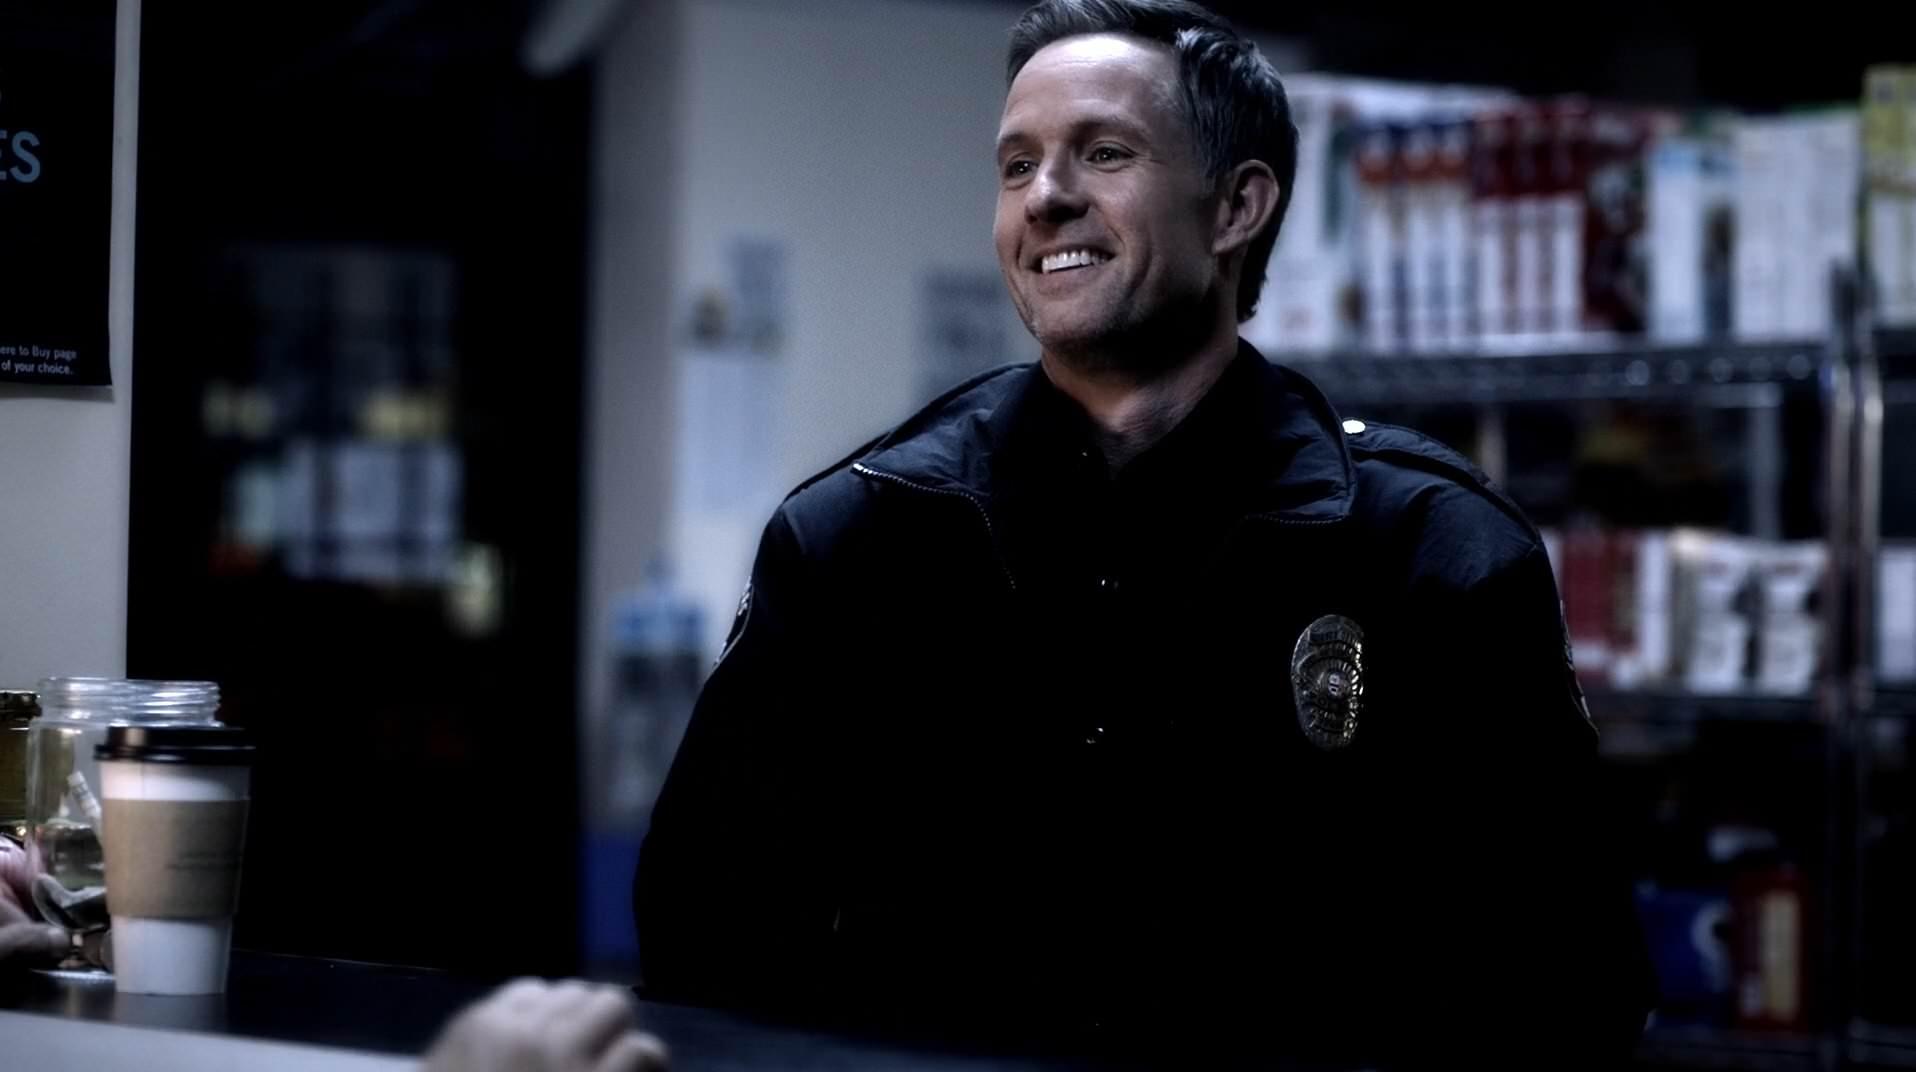 John Decker (Lucifer TV Series)